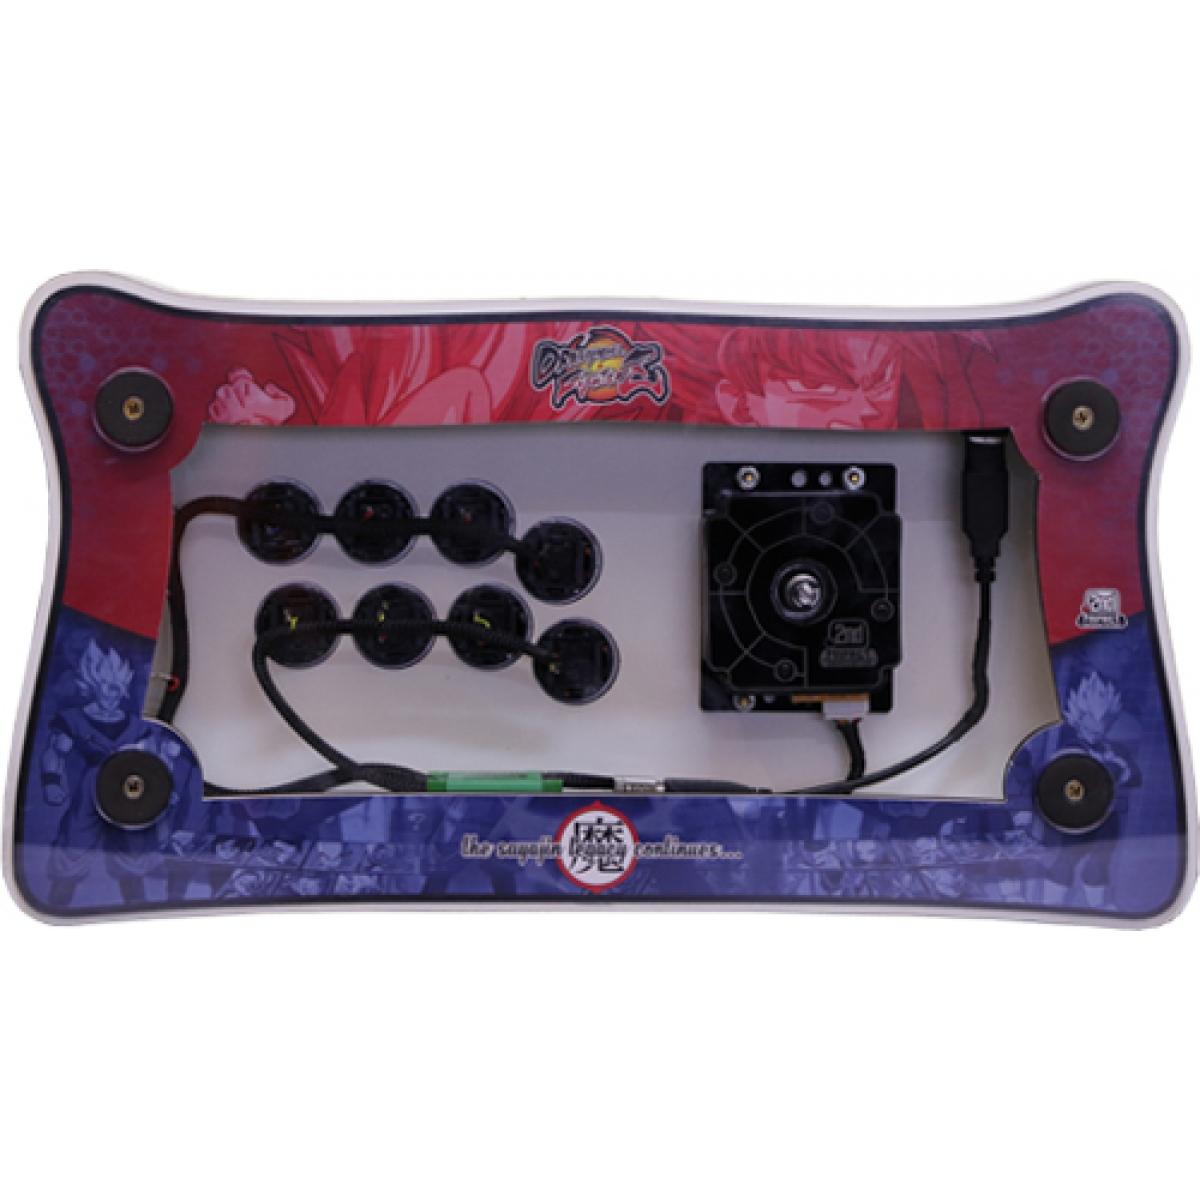 Controle Arcade para PC e PS3 2ND Impact Dragon Ball MDF Manche Optico Silent